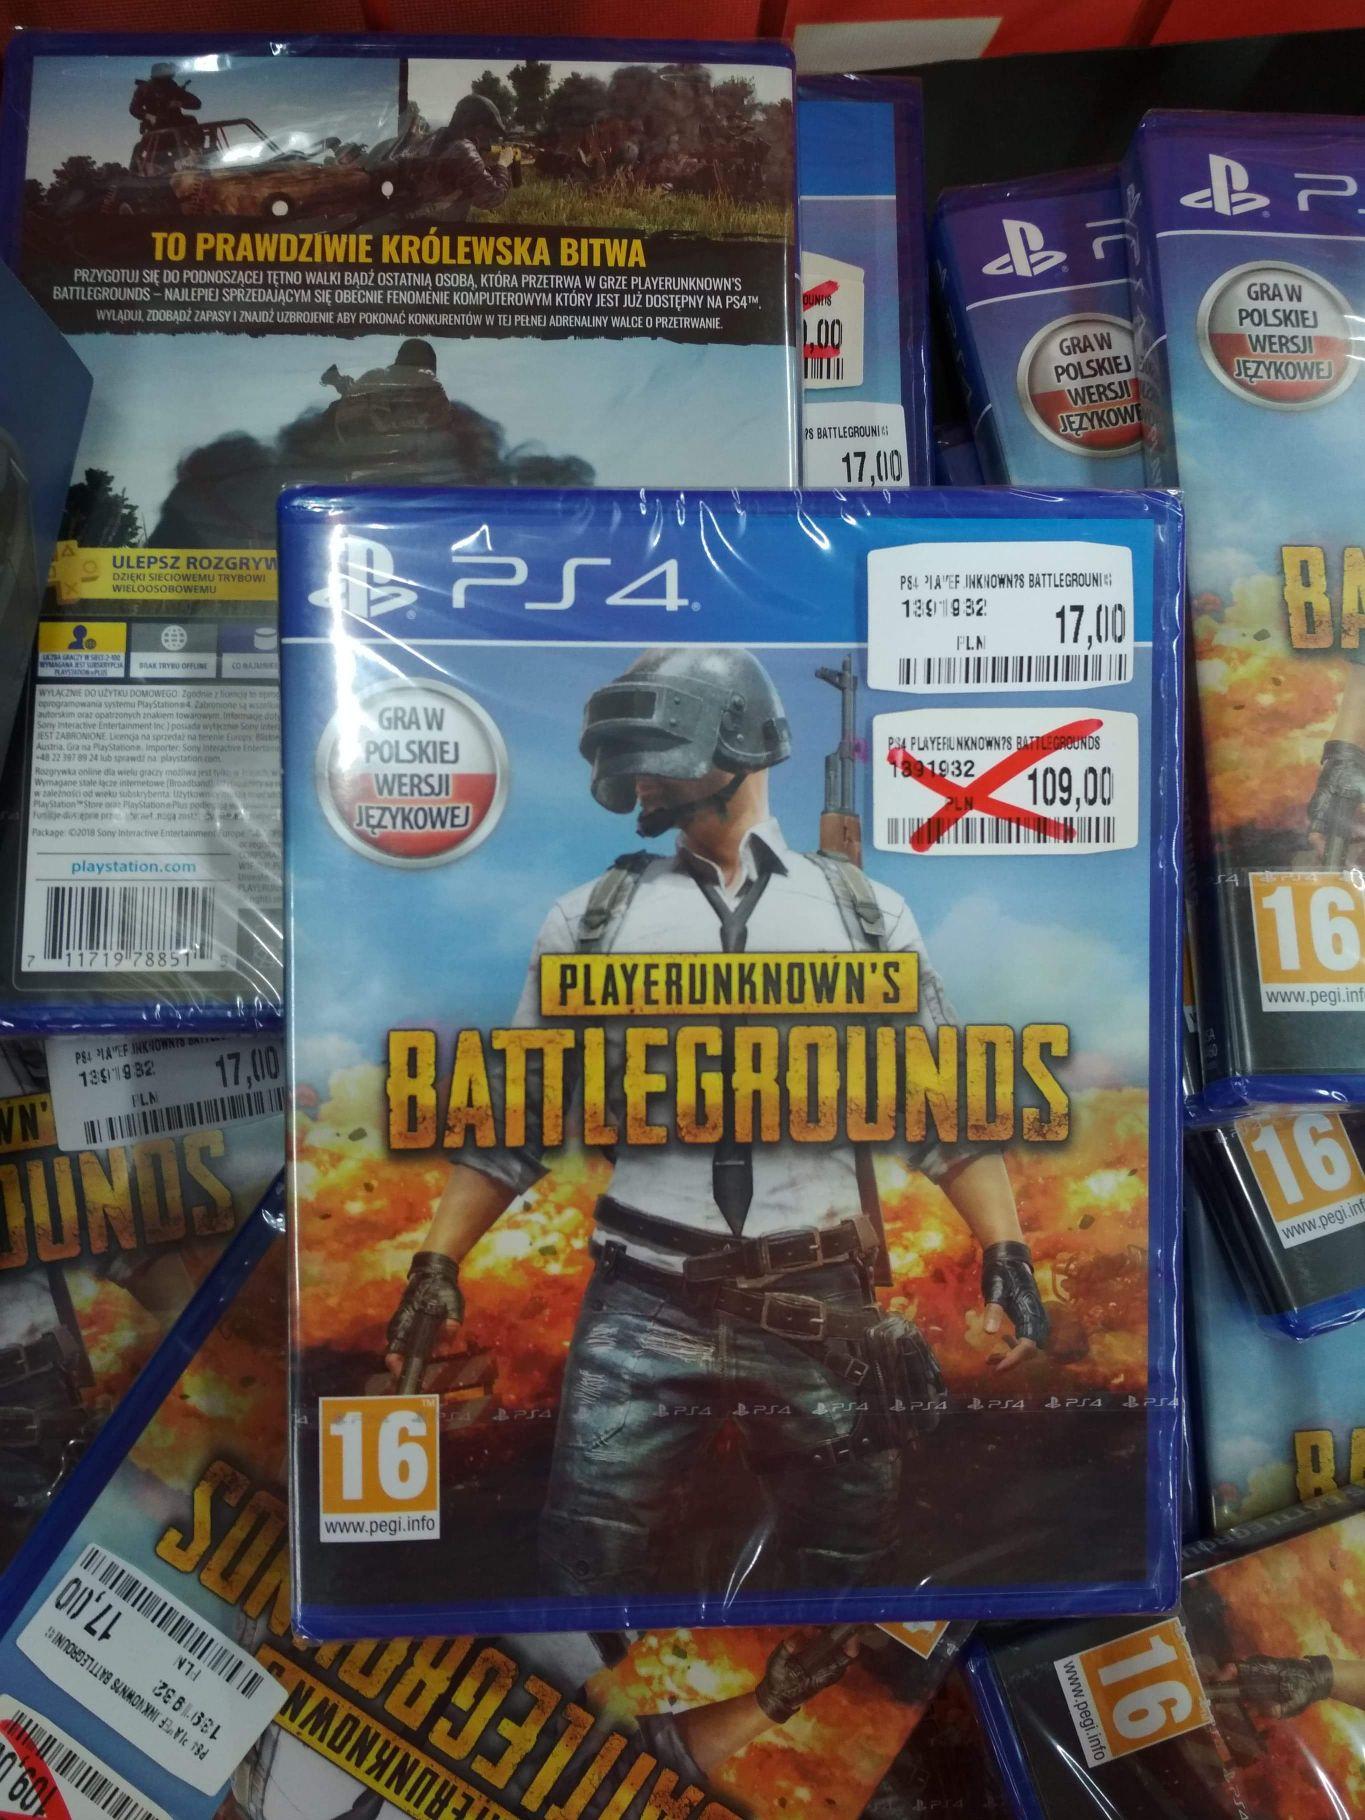 Gry PS4 Wyprzedaż (Pubg, Battlefield, Fifa) Media Markt Gocław